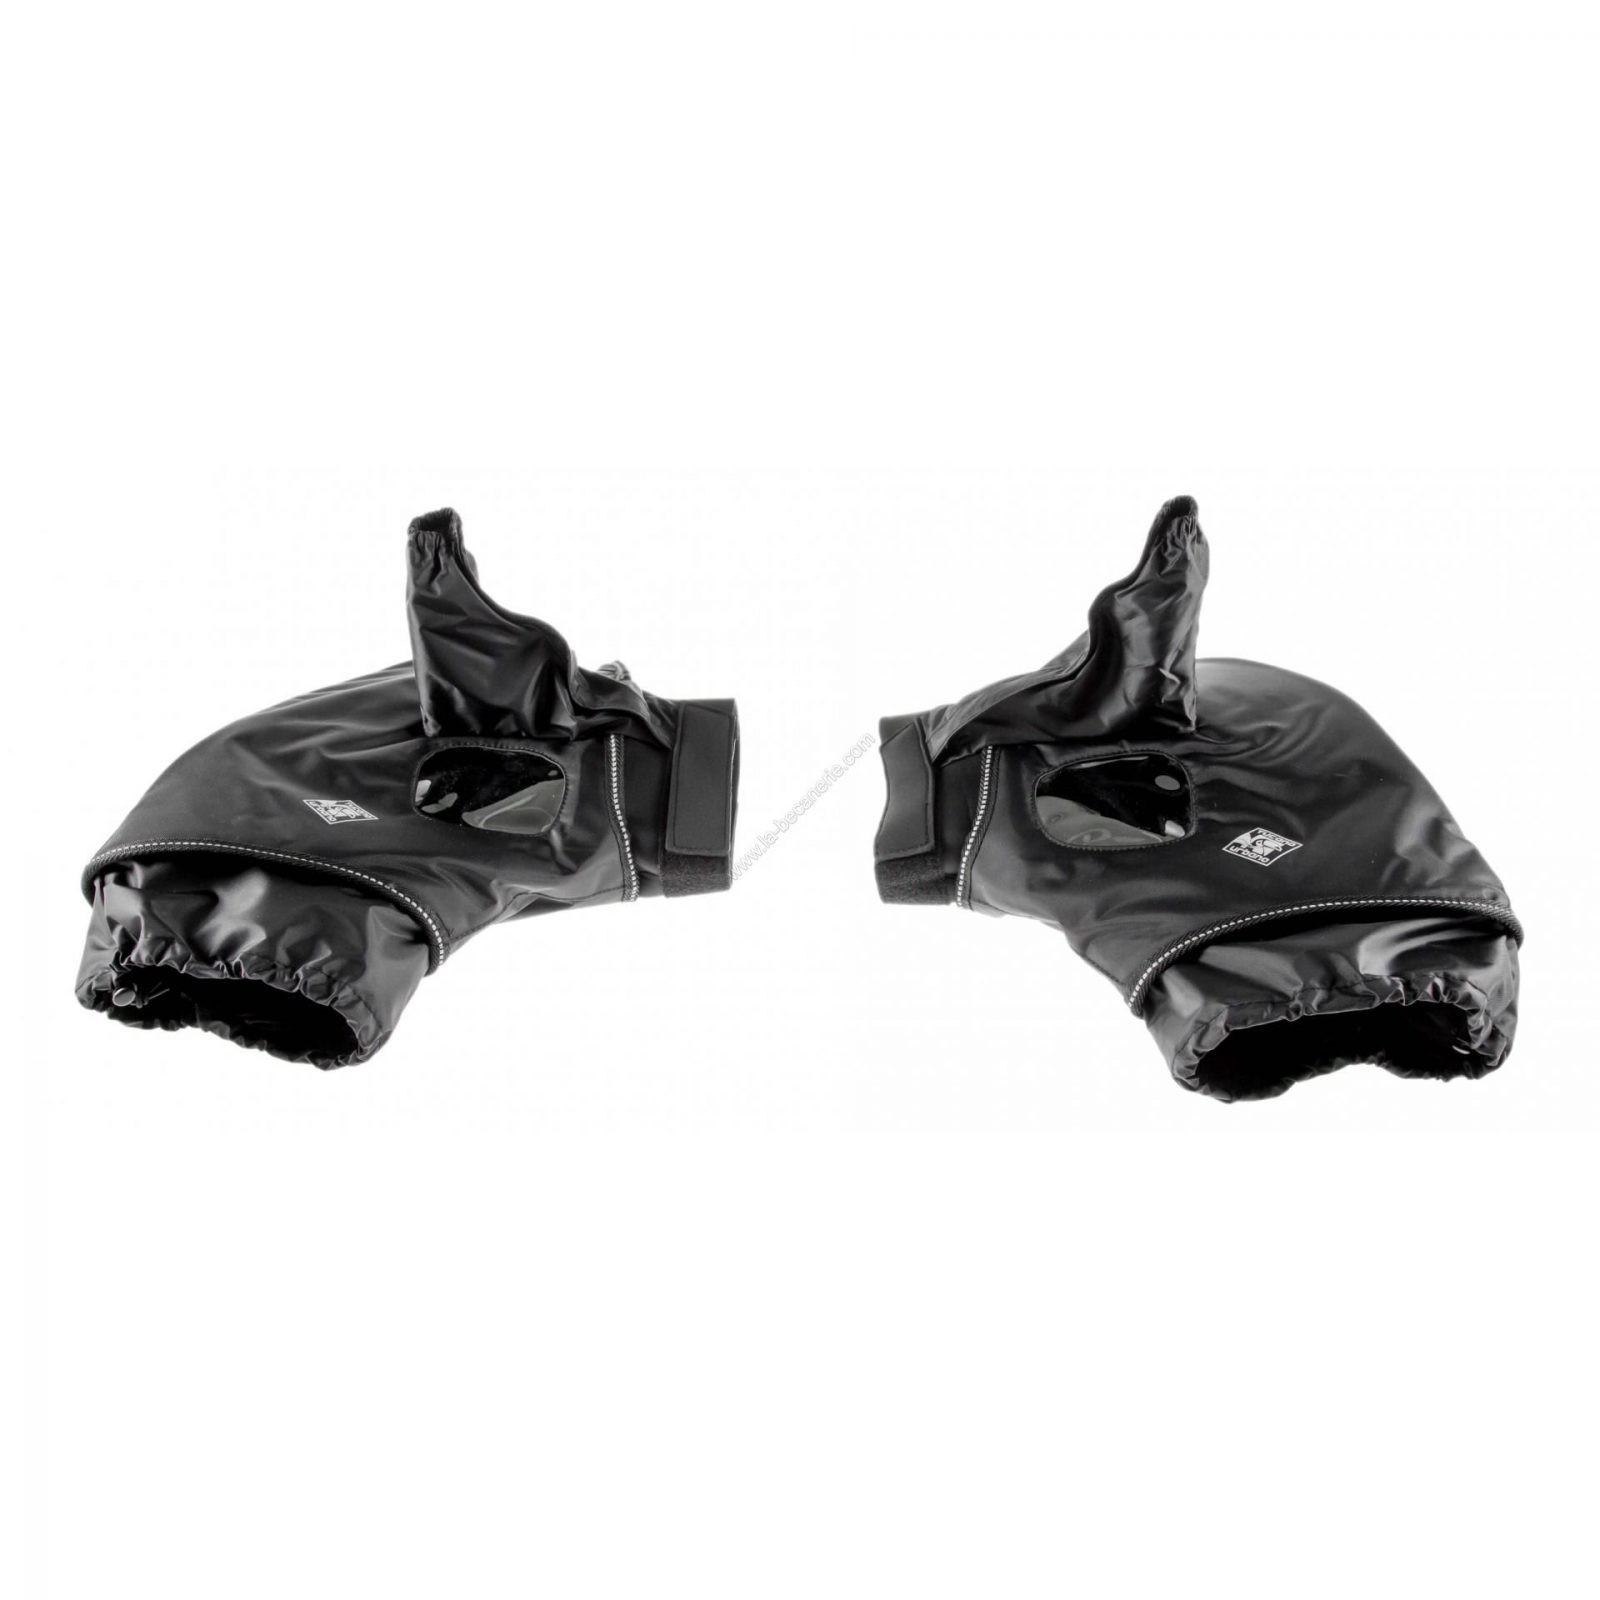 Protection Solaire /à s/échage Rapide pour Bras de Protection pour Le Sport Black, L Manchon Anti-UV Redxiao~ Manchettes 3 pi/èces